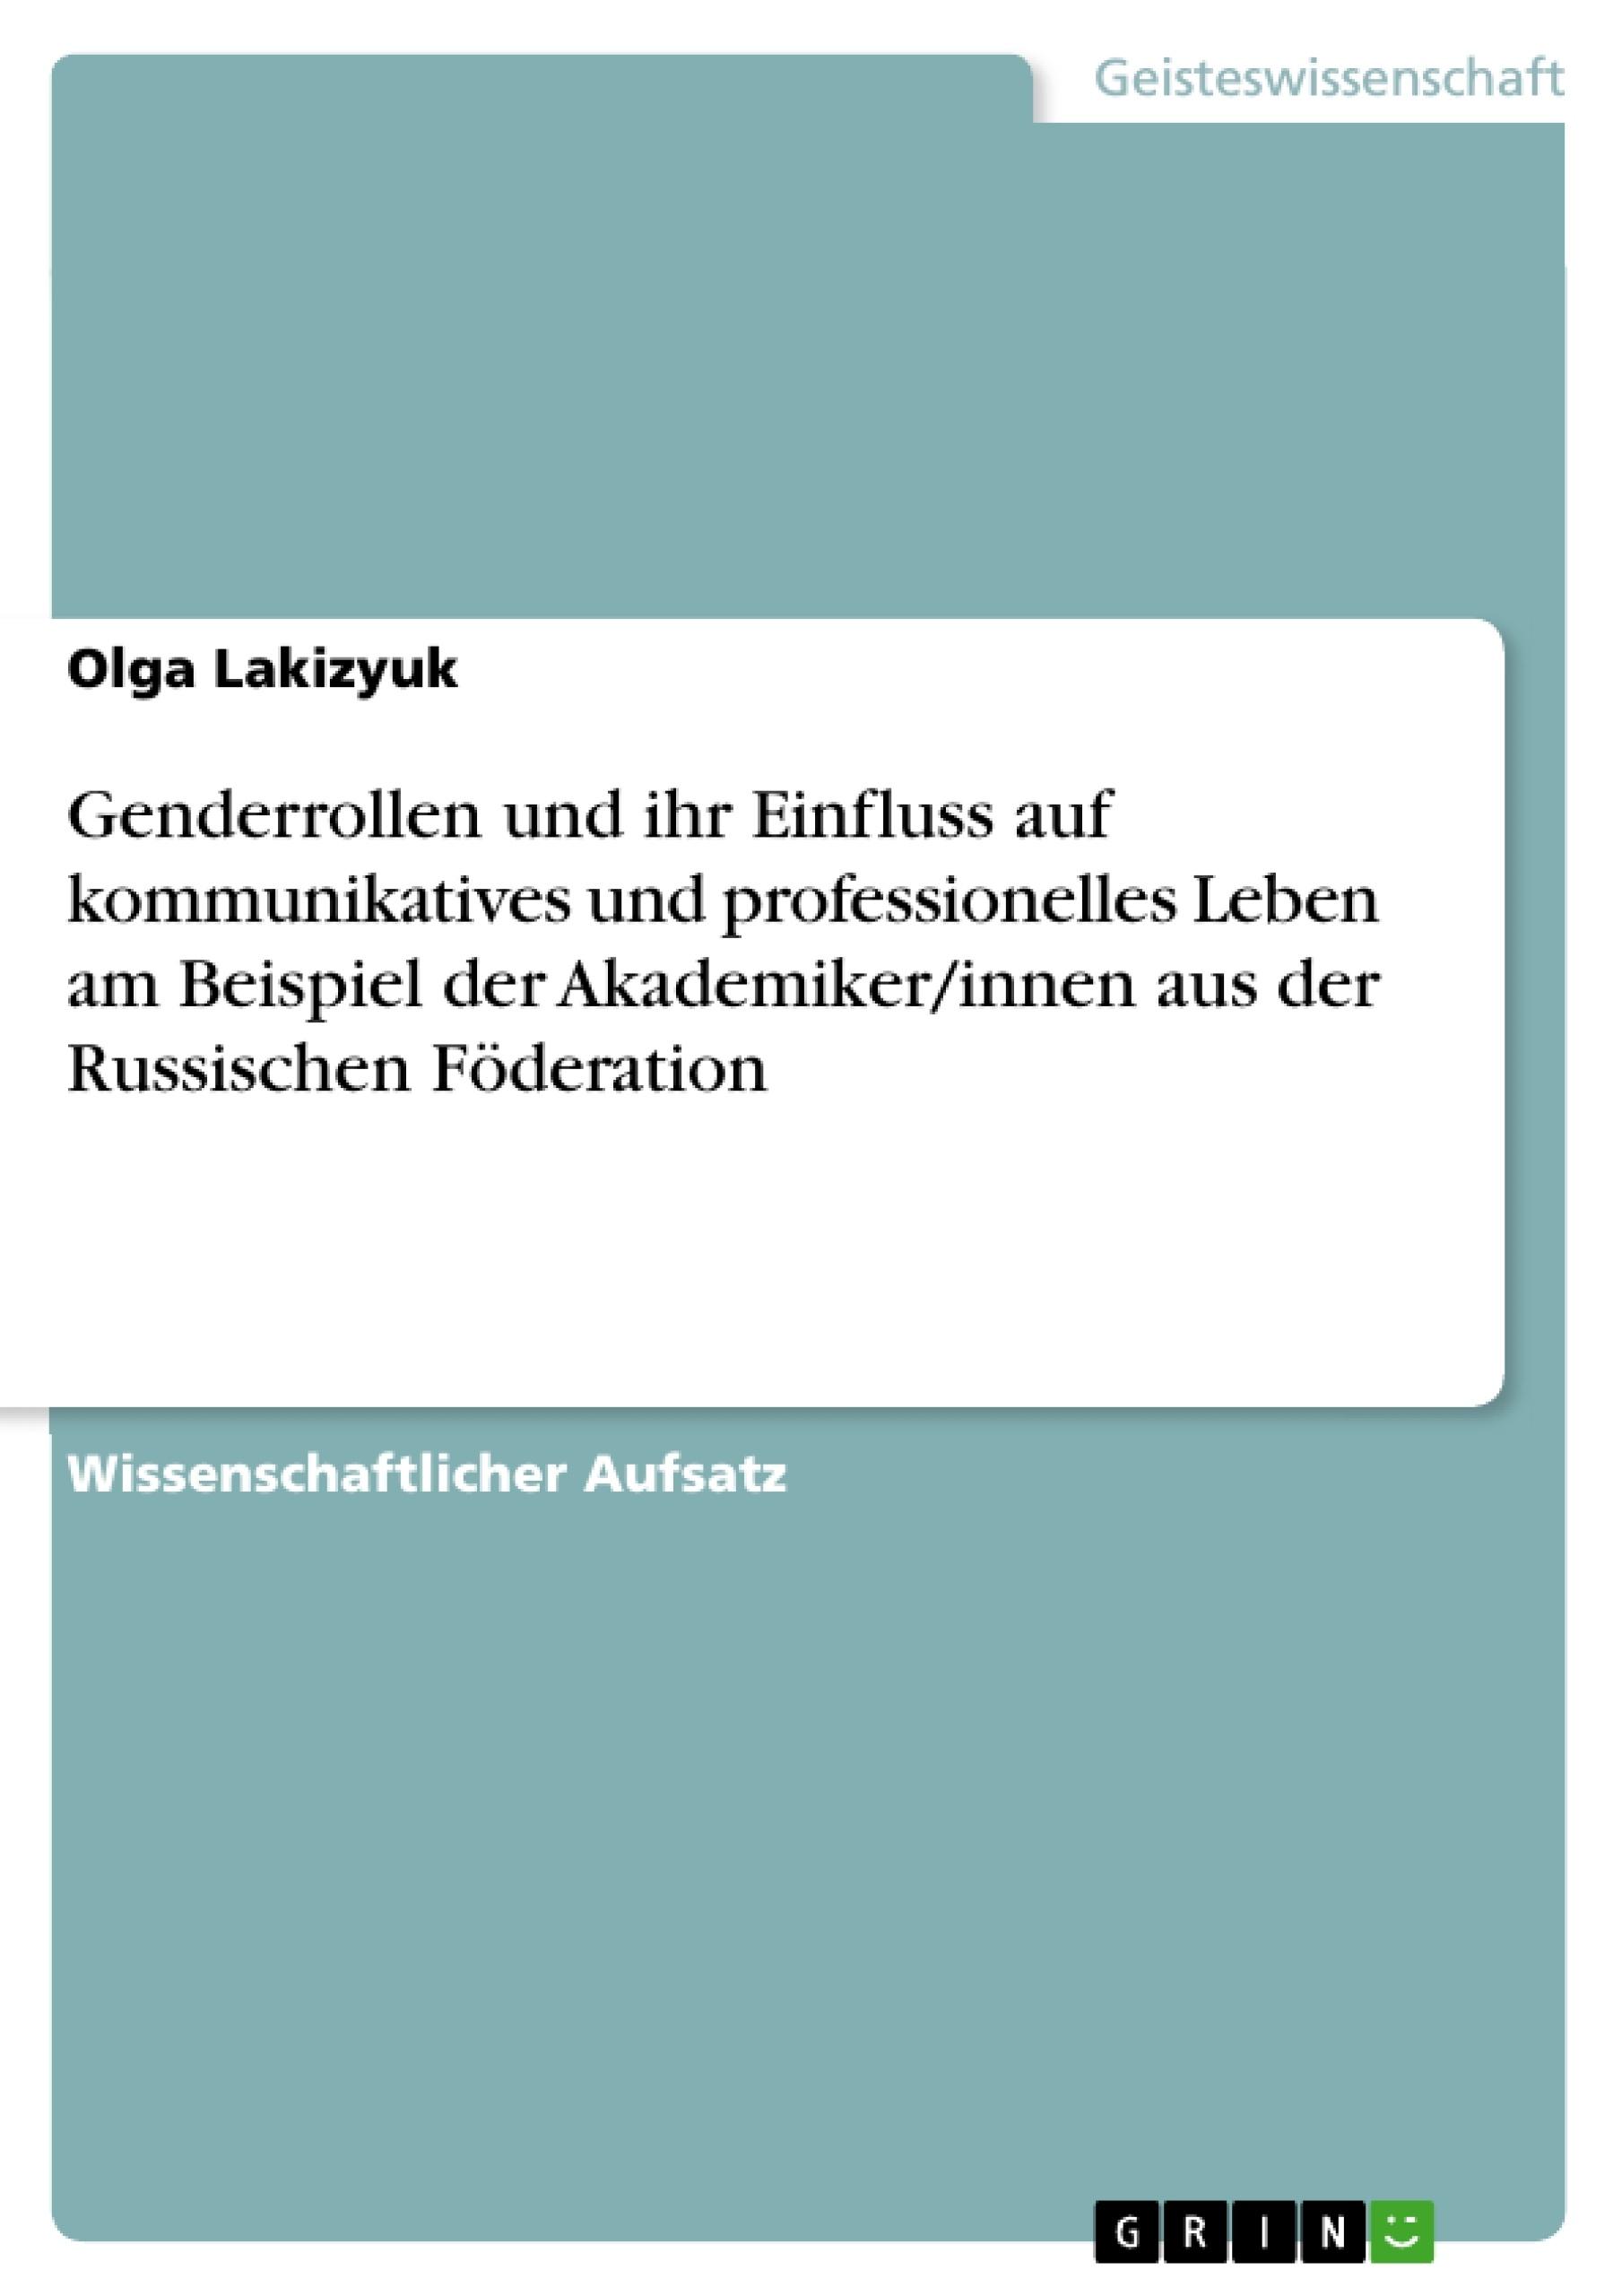 Titel: Genderrollen und ihr Einfluss auf kommunikatives und professionelles Leben am Beispiel der Akademiker/innen aus der Russischen Föderation